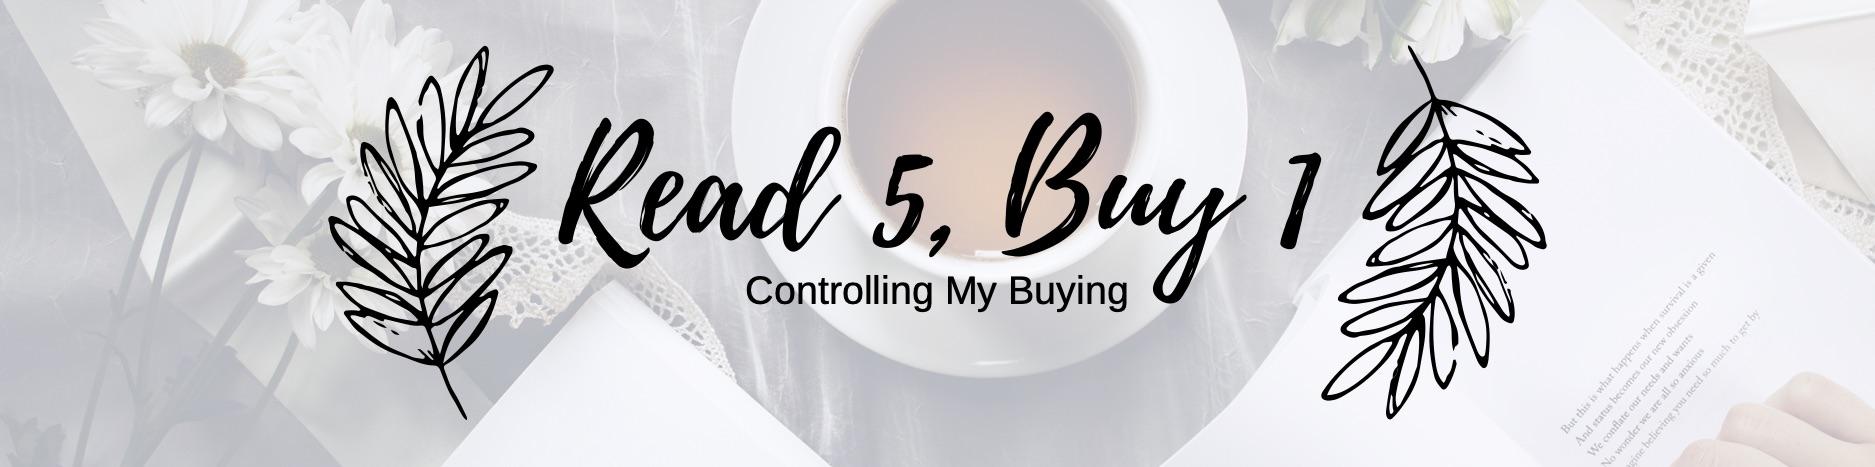 Read 5, Buy 1